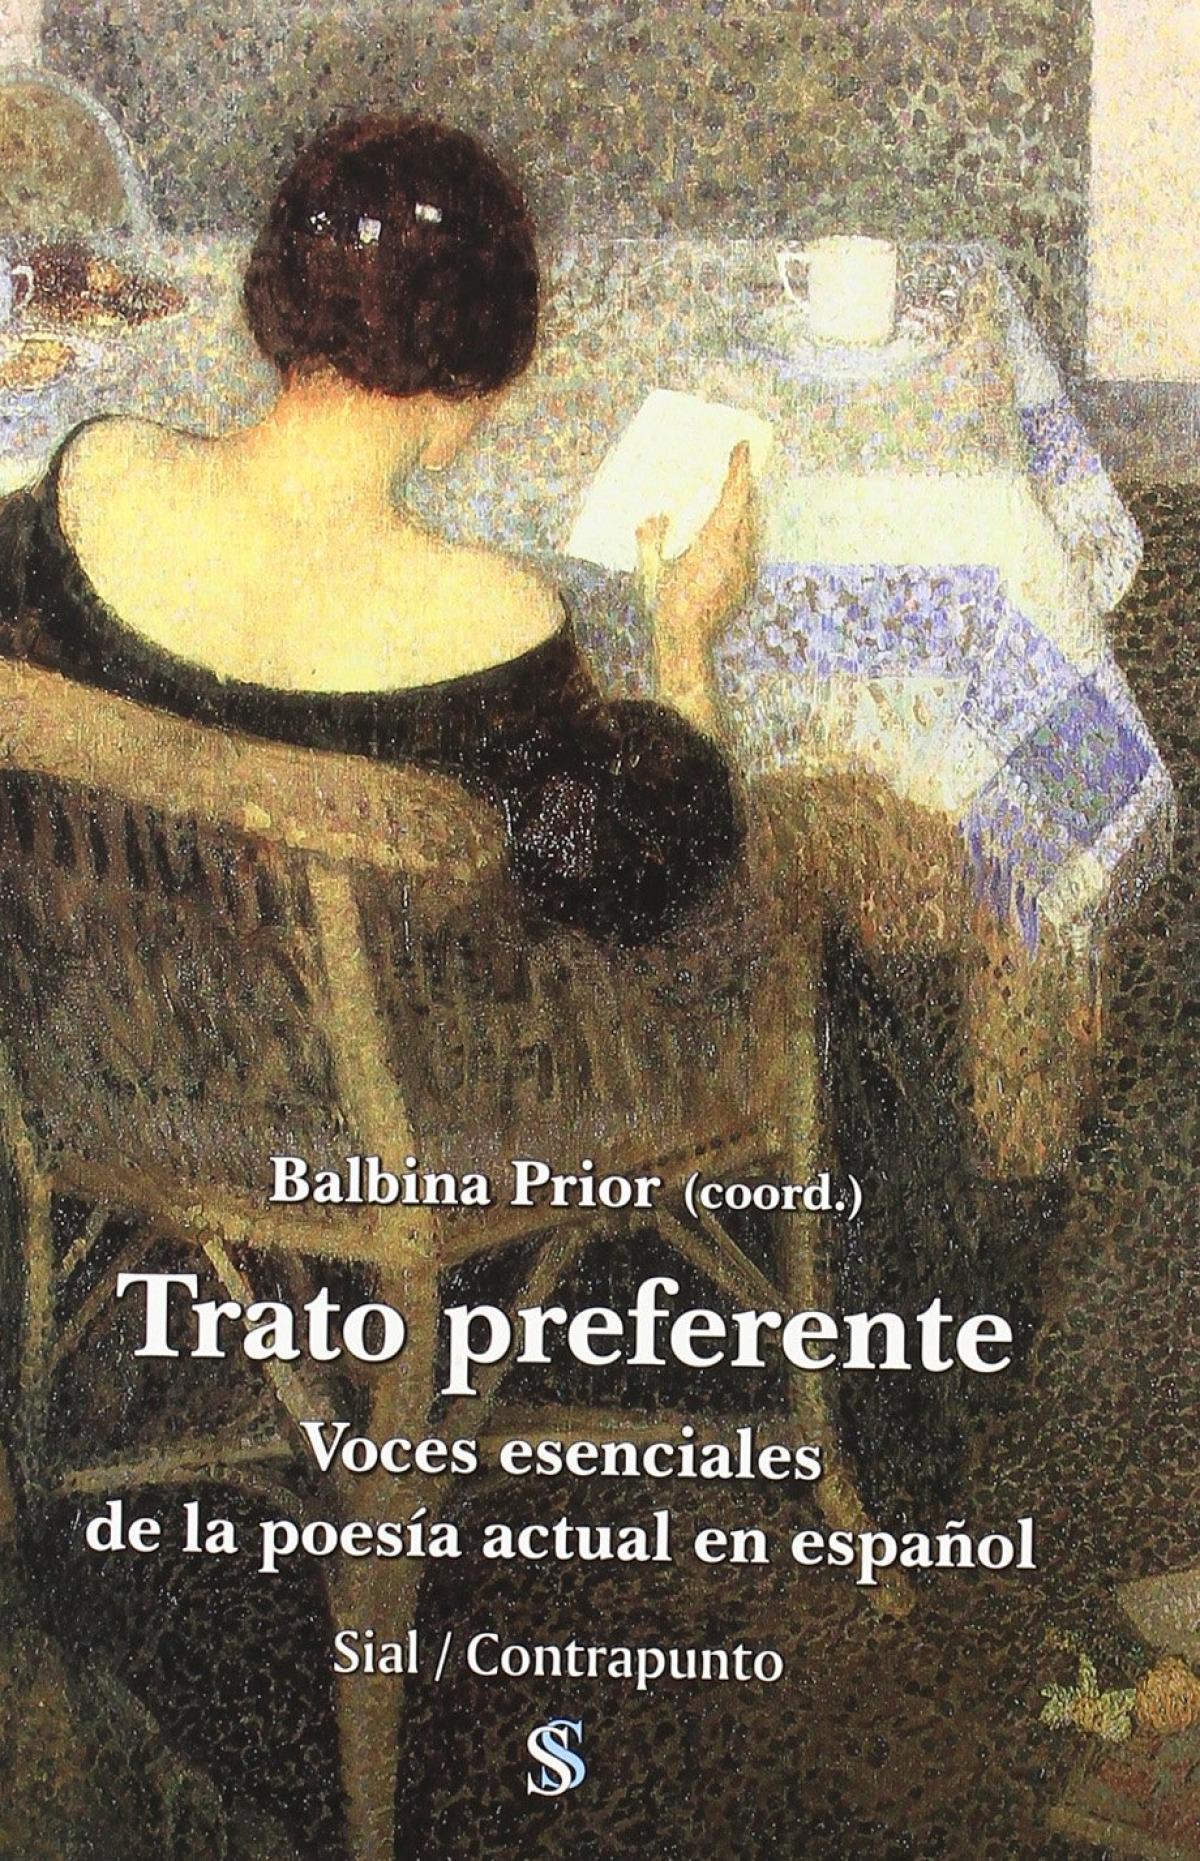 Trato preferente: voces esenciales poesia actual español voces esenciales de la poes¡a actual en español - Uceda, Julia